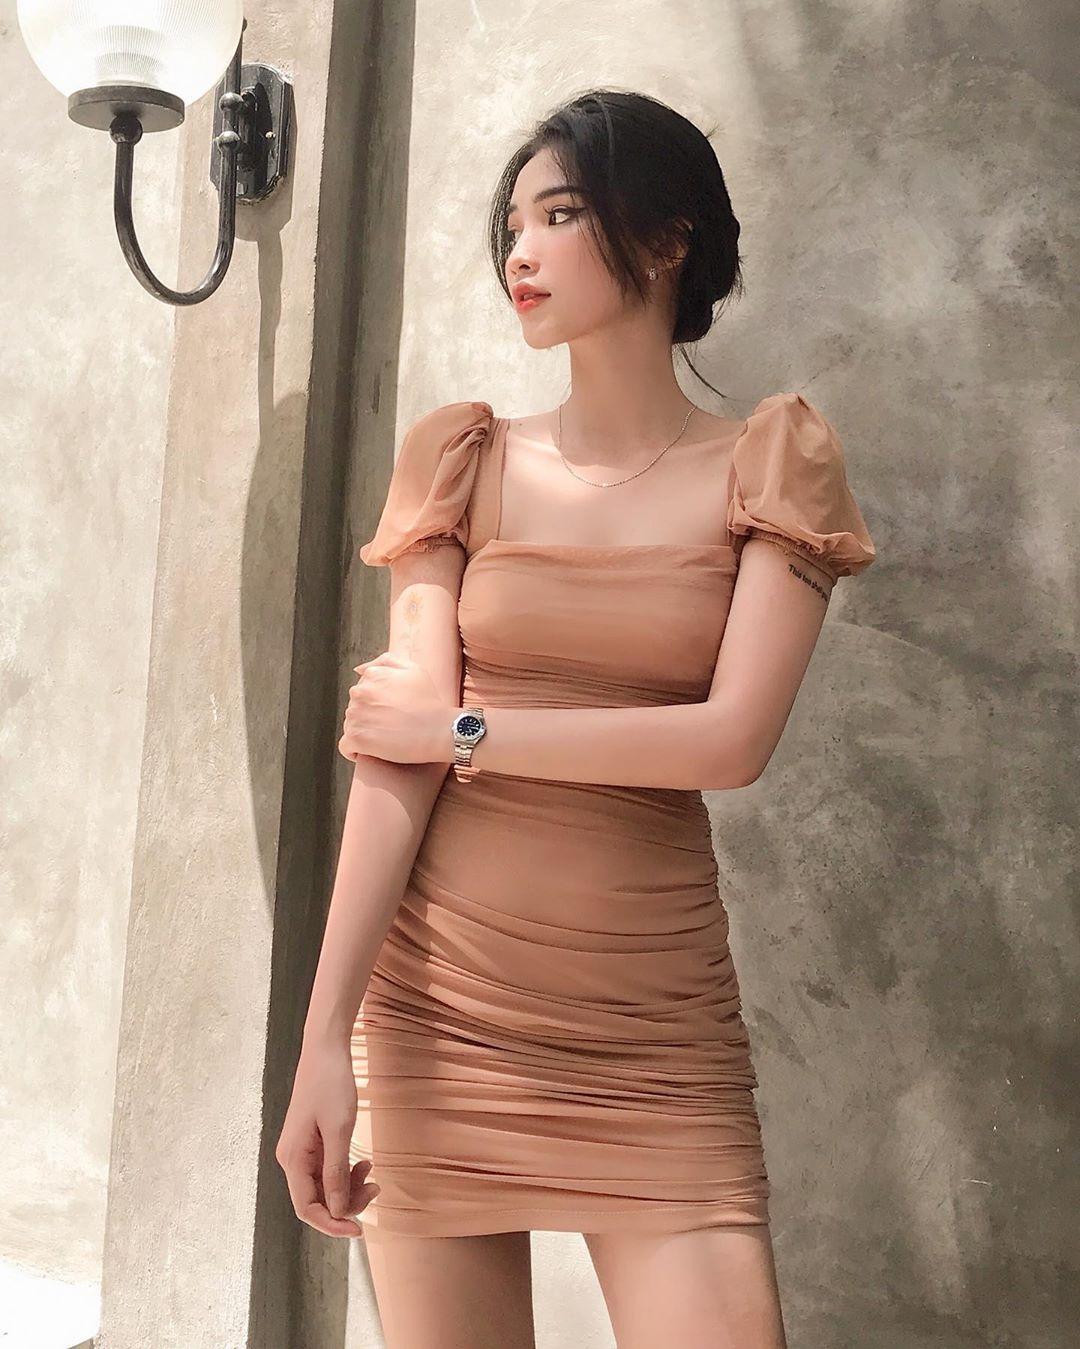 """Vừa che được bắp tay to còn """"hack tuổi"""" đáng kể, bảo sao cả loạt mỹ nhân Vbiz đều đang thi nhau diện kiểu váy áo này - Ảnh 13."""